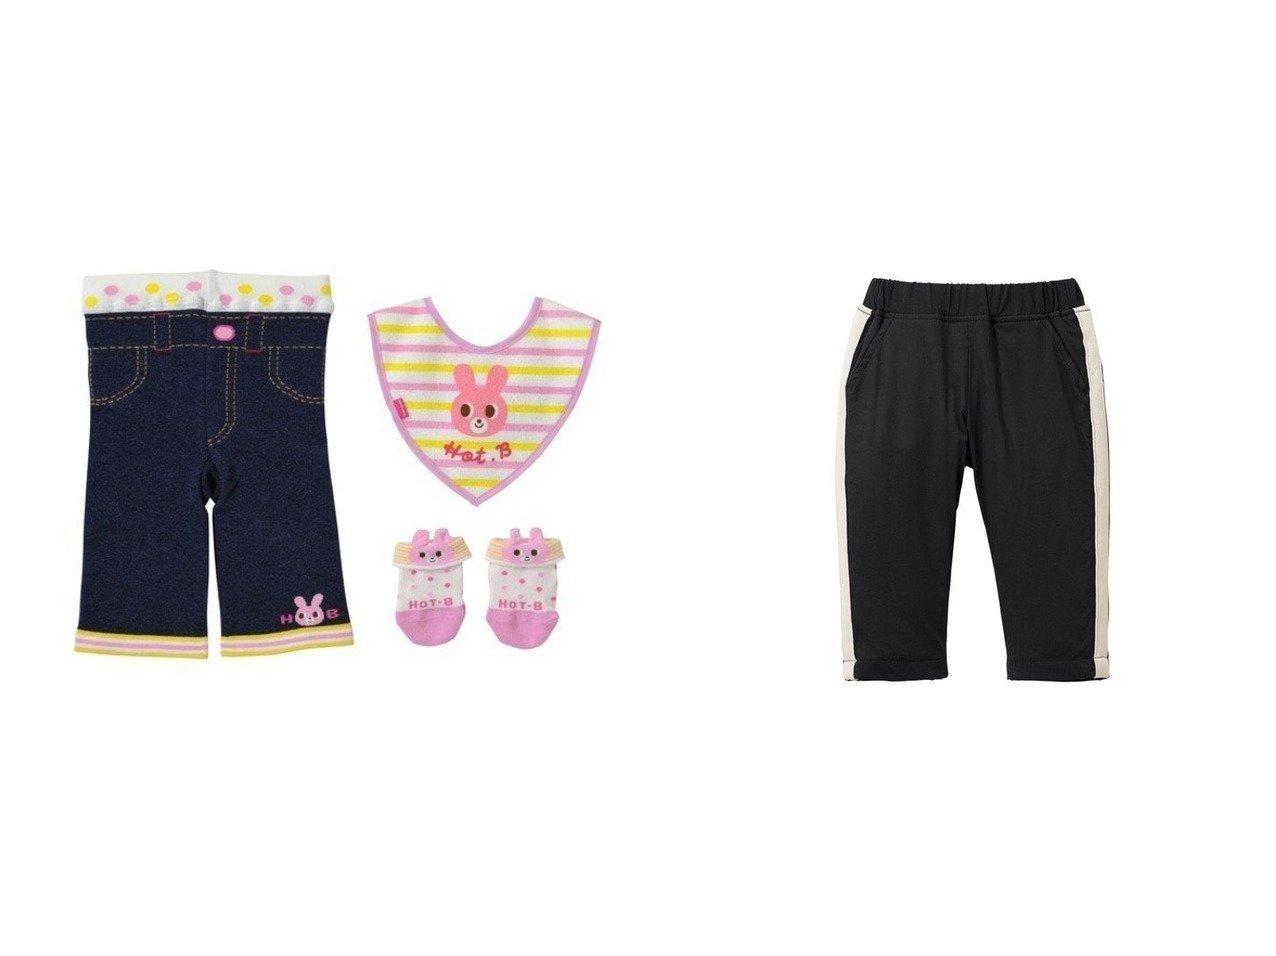 【MIKI HOUSE HOT BISCUITS / KIDS/ミキハウスホットビスケッツ】の【HOTBISCUITS】【日本製】ギフトセット&【HOTBISCUITS】ストレッチナイロンパンツ 【KIDS】子供服のおすすめ!人気トレンド・キッズファッションの通販 おすすめで人気の流行・トレンド、ファッションの通販商品 メンズファッション・キッズファッション・インテリア・家具・レディースファッション・服の通販 founy(ファニー) https://founy.com/ ファッション Fashion キッズファッション KIDS ボトムス Bottoms Kids 送料無料 Free Shipping キャラクター コーティング ソックス ダブル ベビー ストレッチ 冬 Winter |ID:crp329100000015238